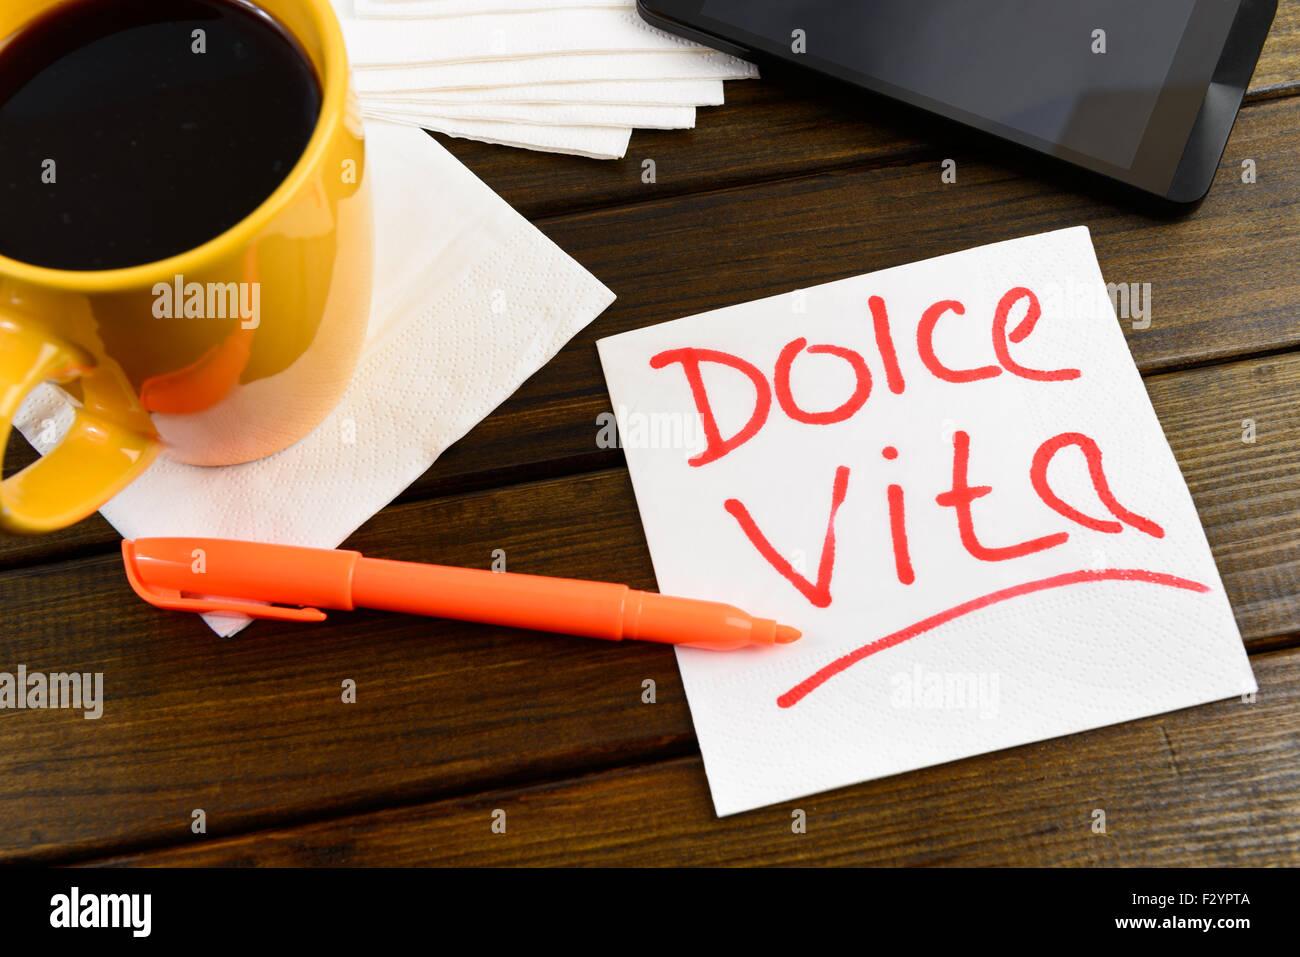 napkin sketch 'dolce vita' on cafe napkin - Stock Image